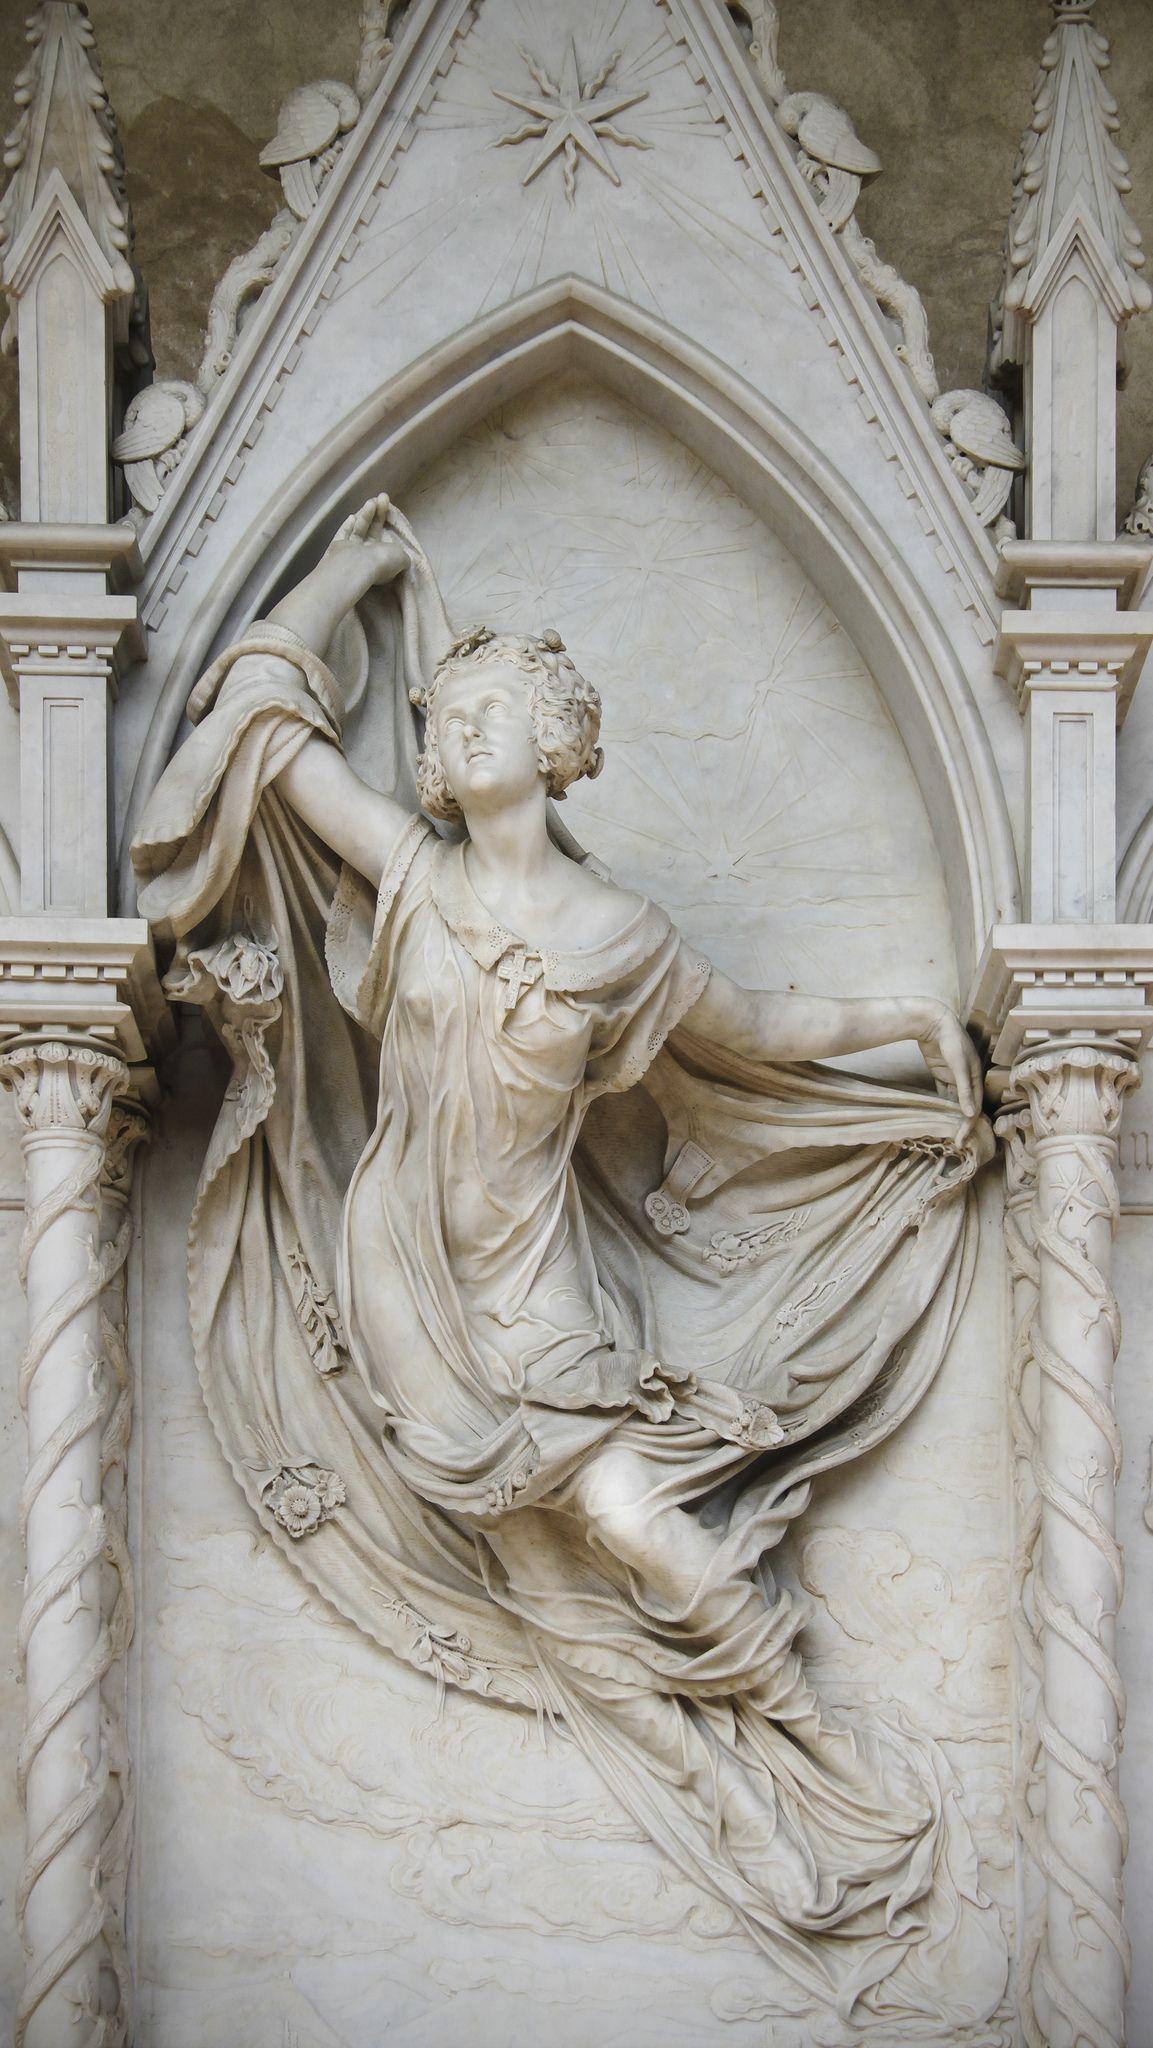 Kotomi-Basilica of Santa Croce, Florence | Flickr - Photo Sharing!